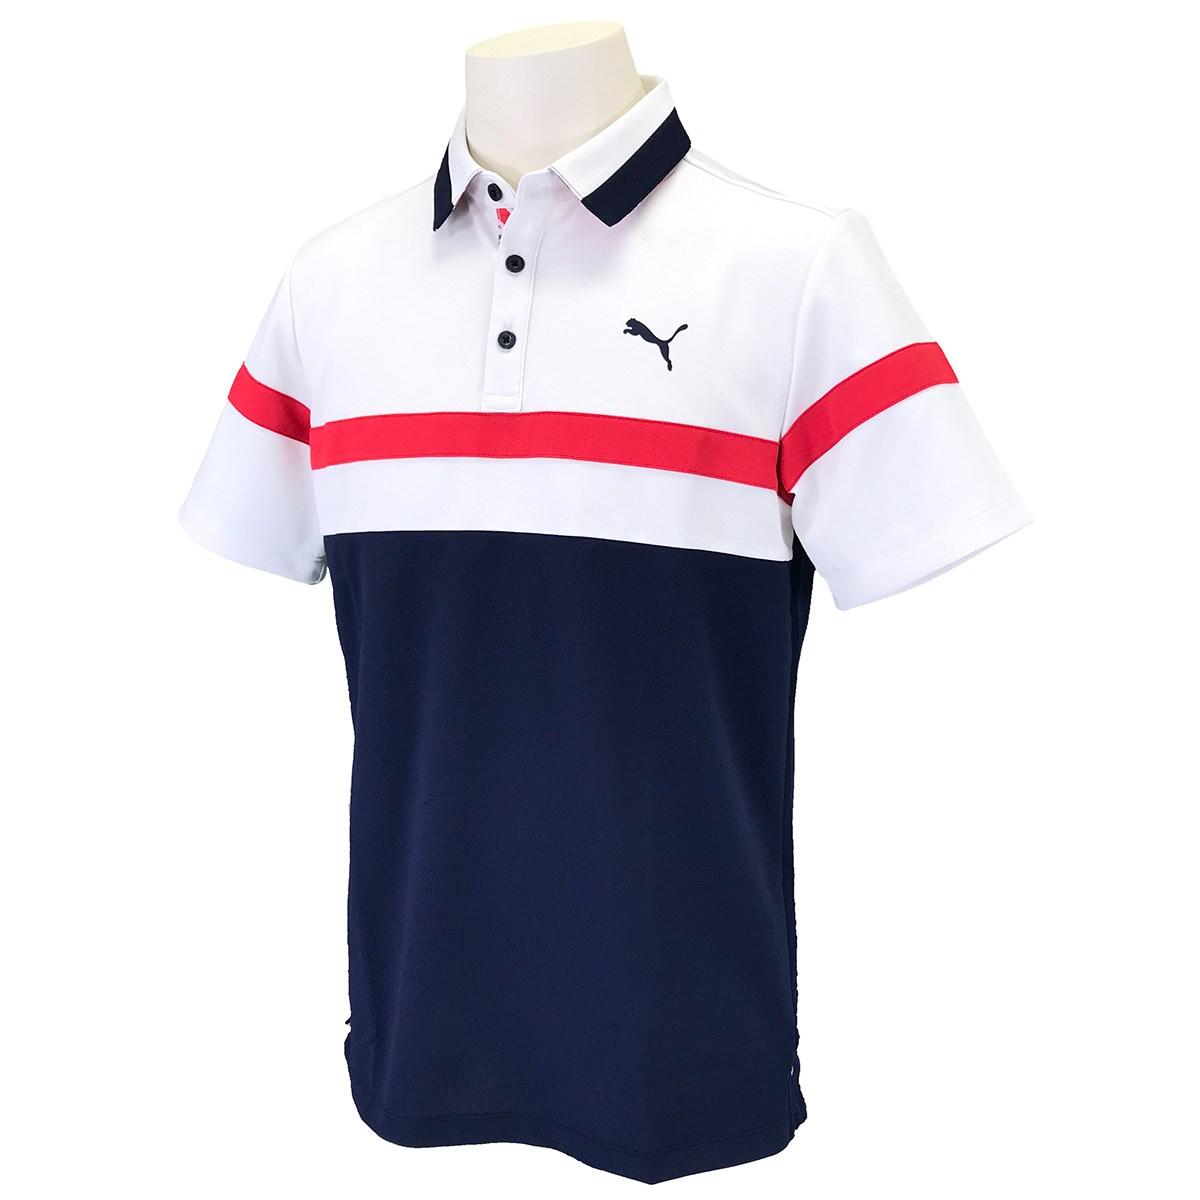 プーマ PUMA ユニオンジャック 半袖ポロシャツ S ピーコート 02